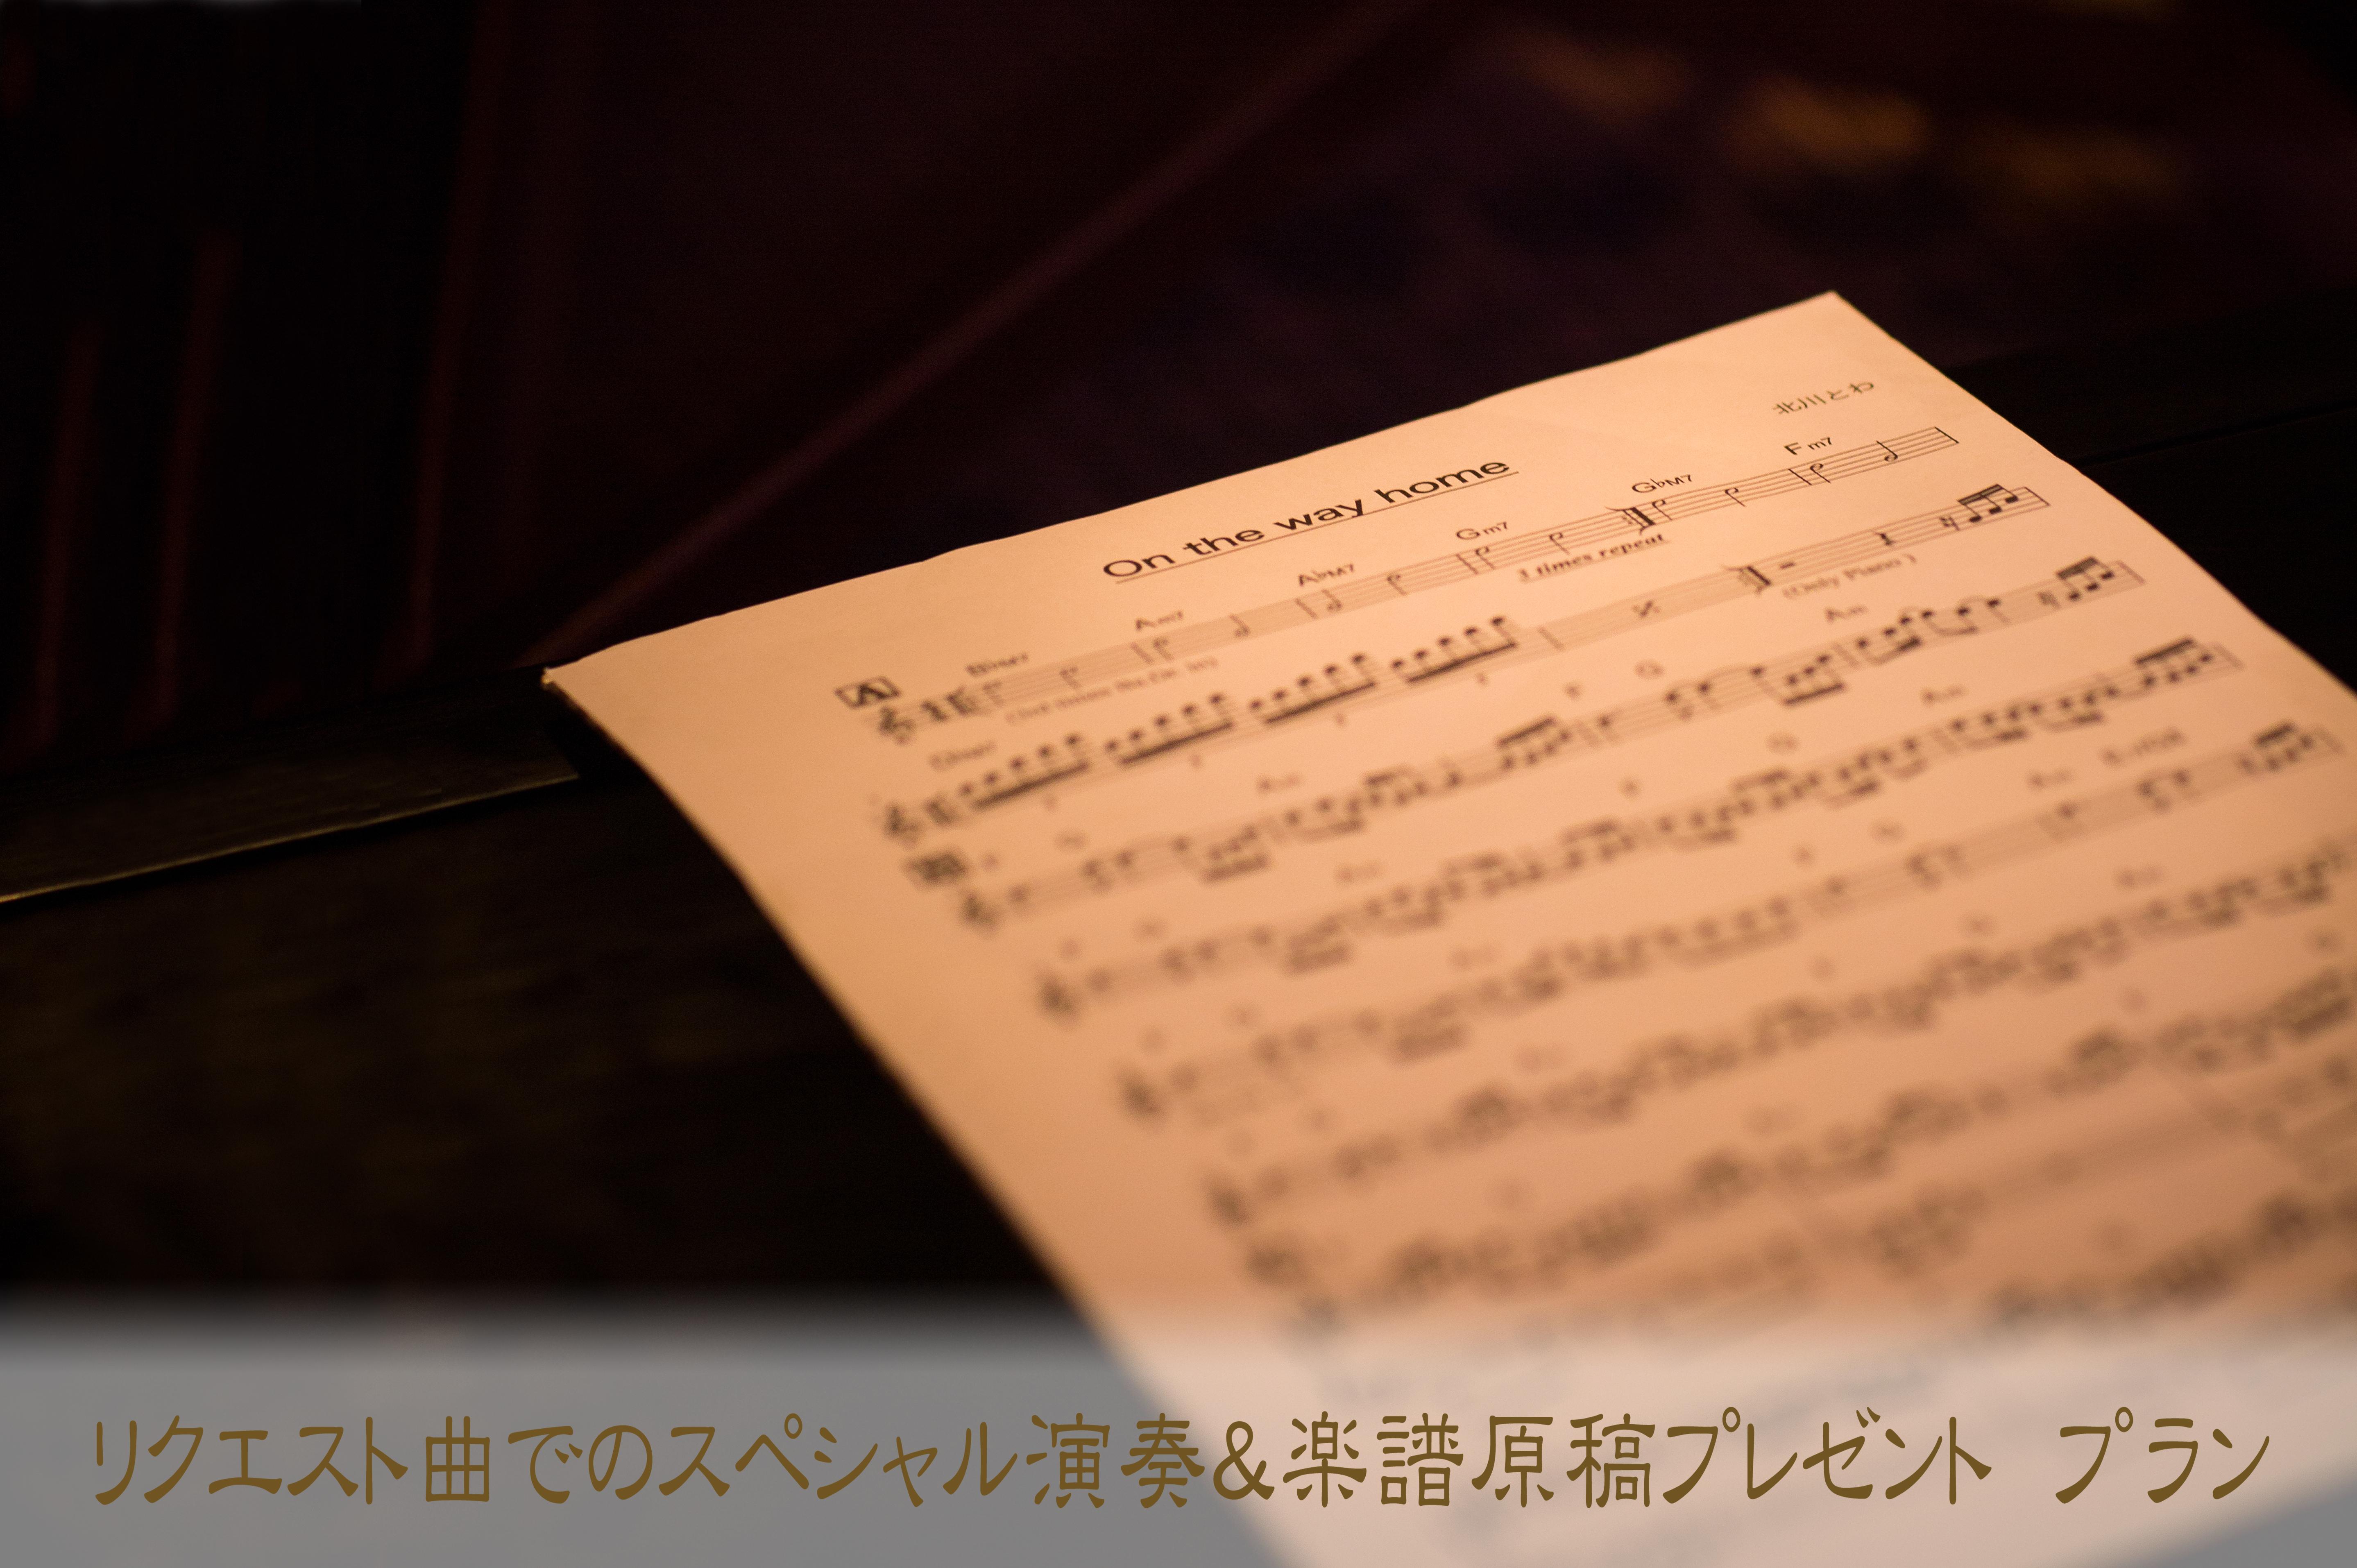 <リクエスト曲でのスペシャル演奏&楽譜原稿プレゼント プラン>